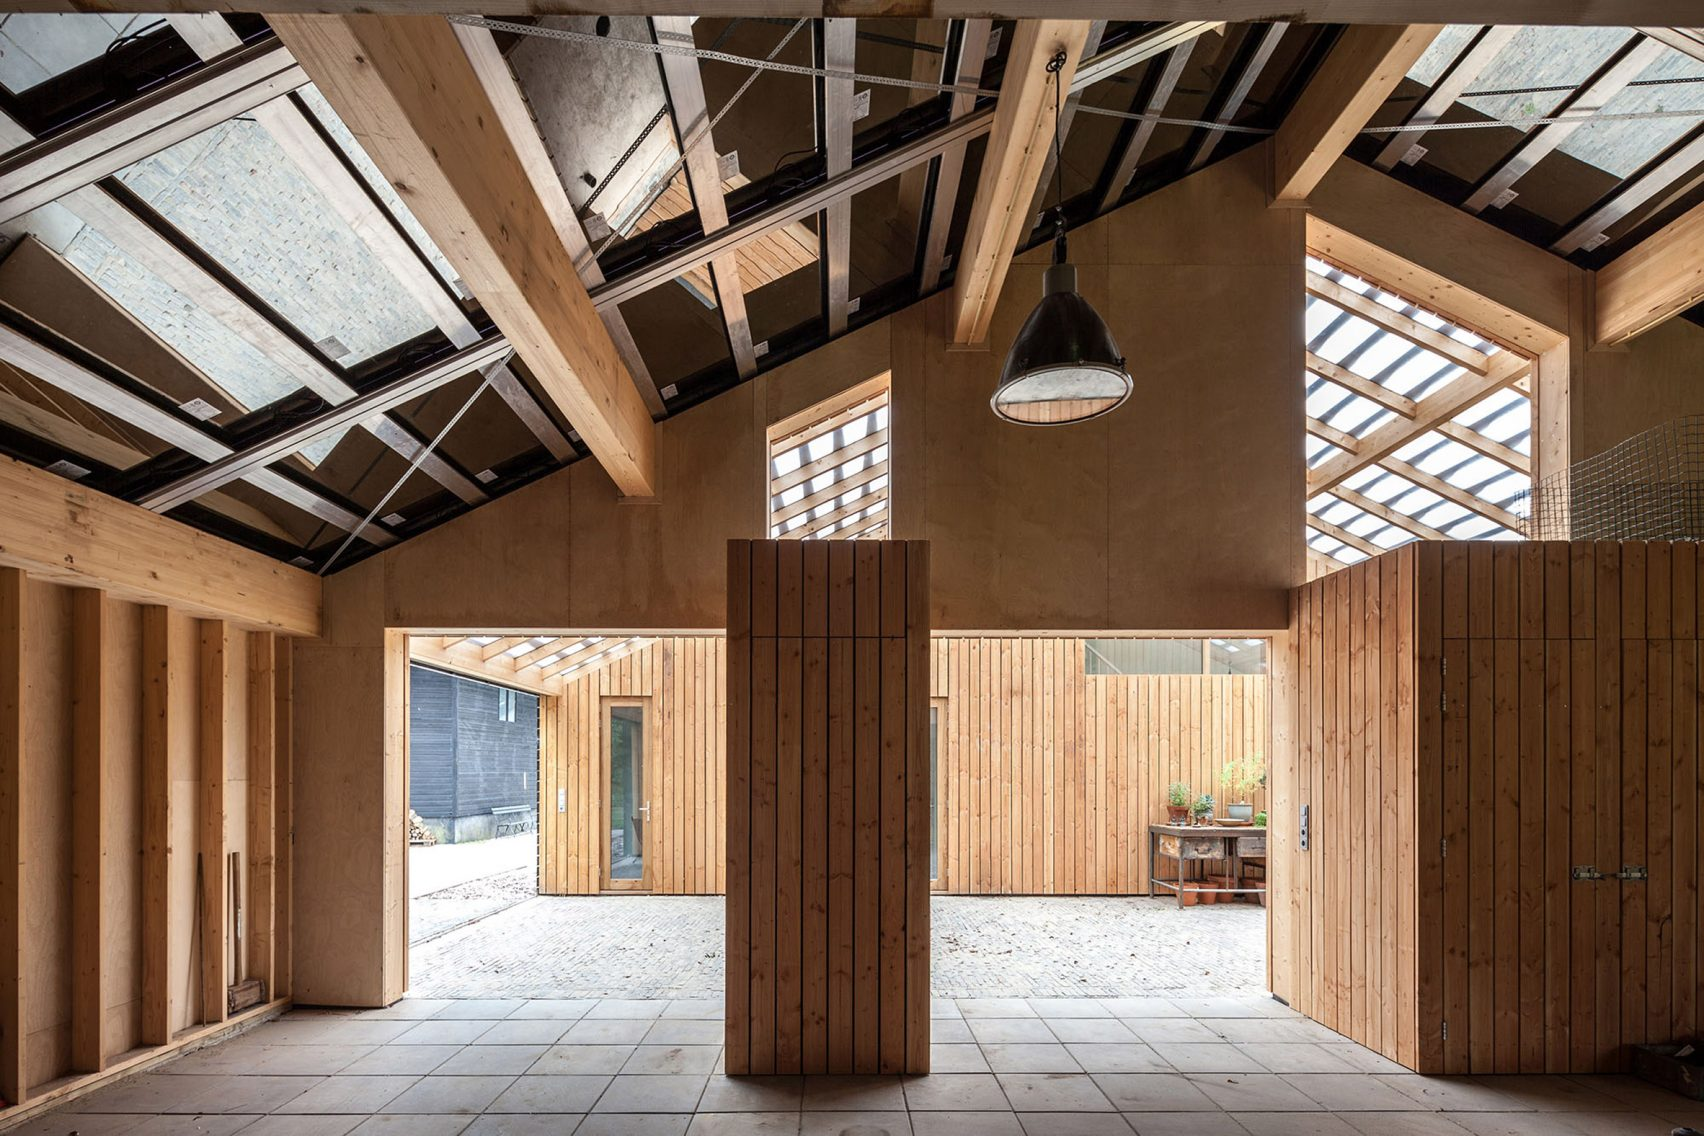 Nhà gỗ cấp 4 hiện đại 2